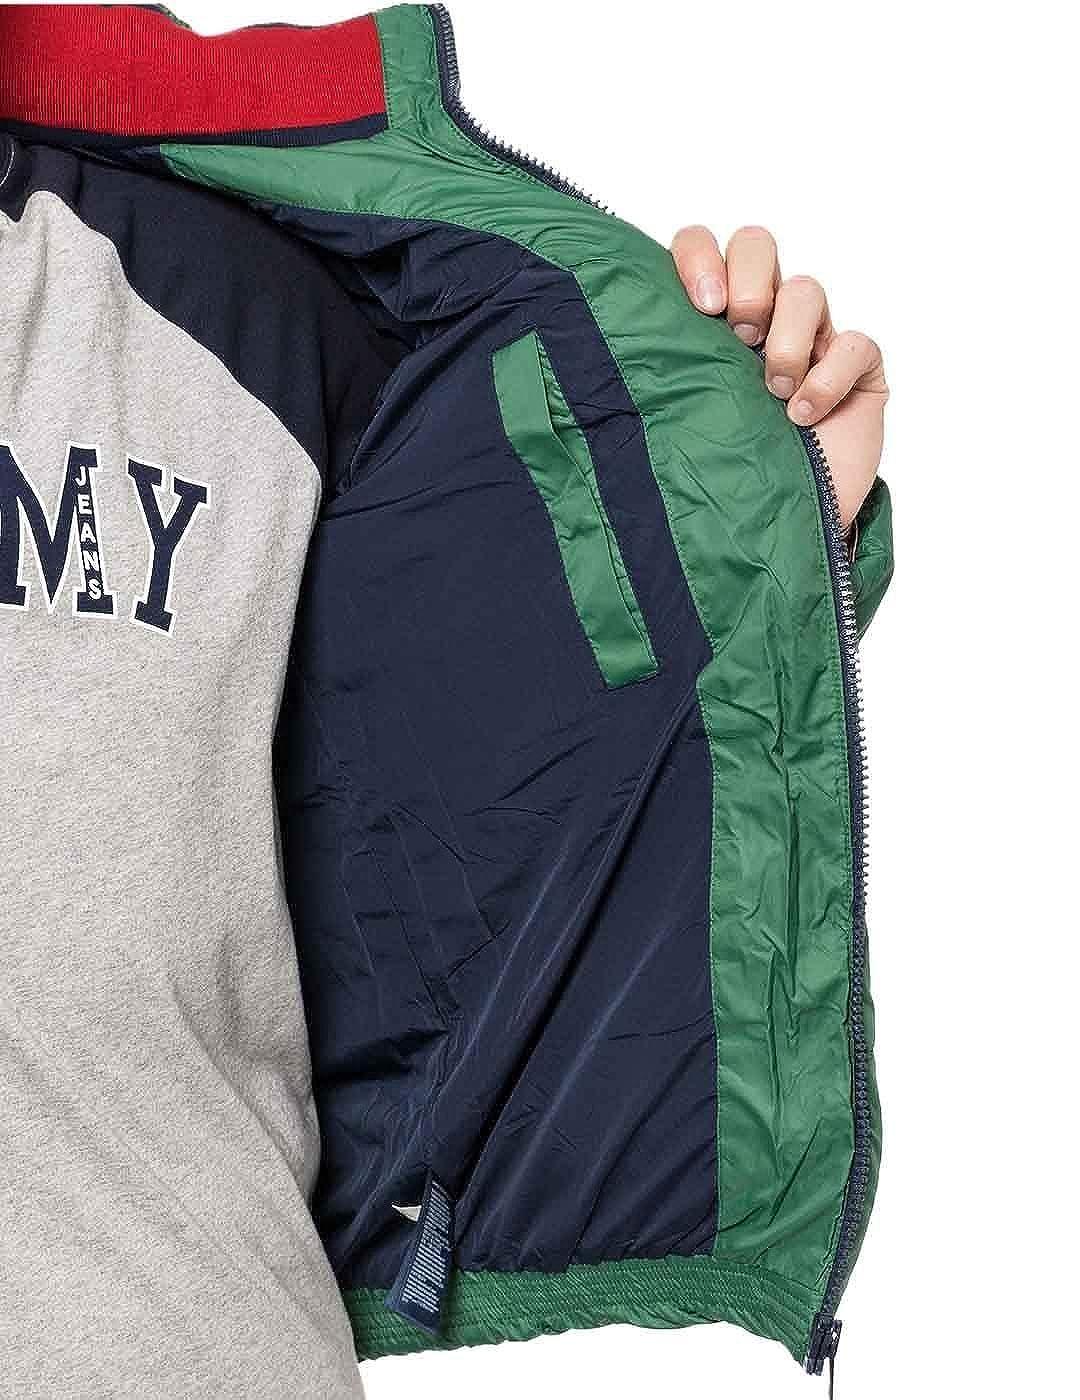 Tommy Hilfiger - Essential Down - Plumas Verde - Hombre: Amazon.es: Ropa y accesorios